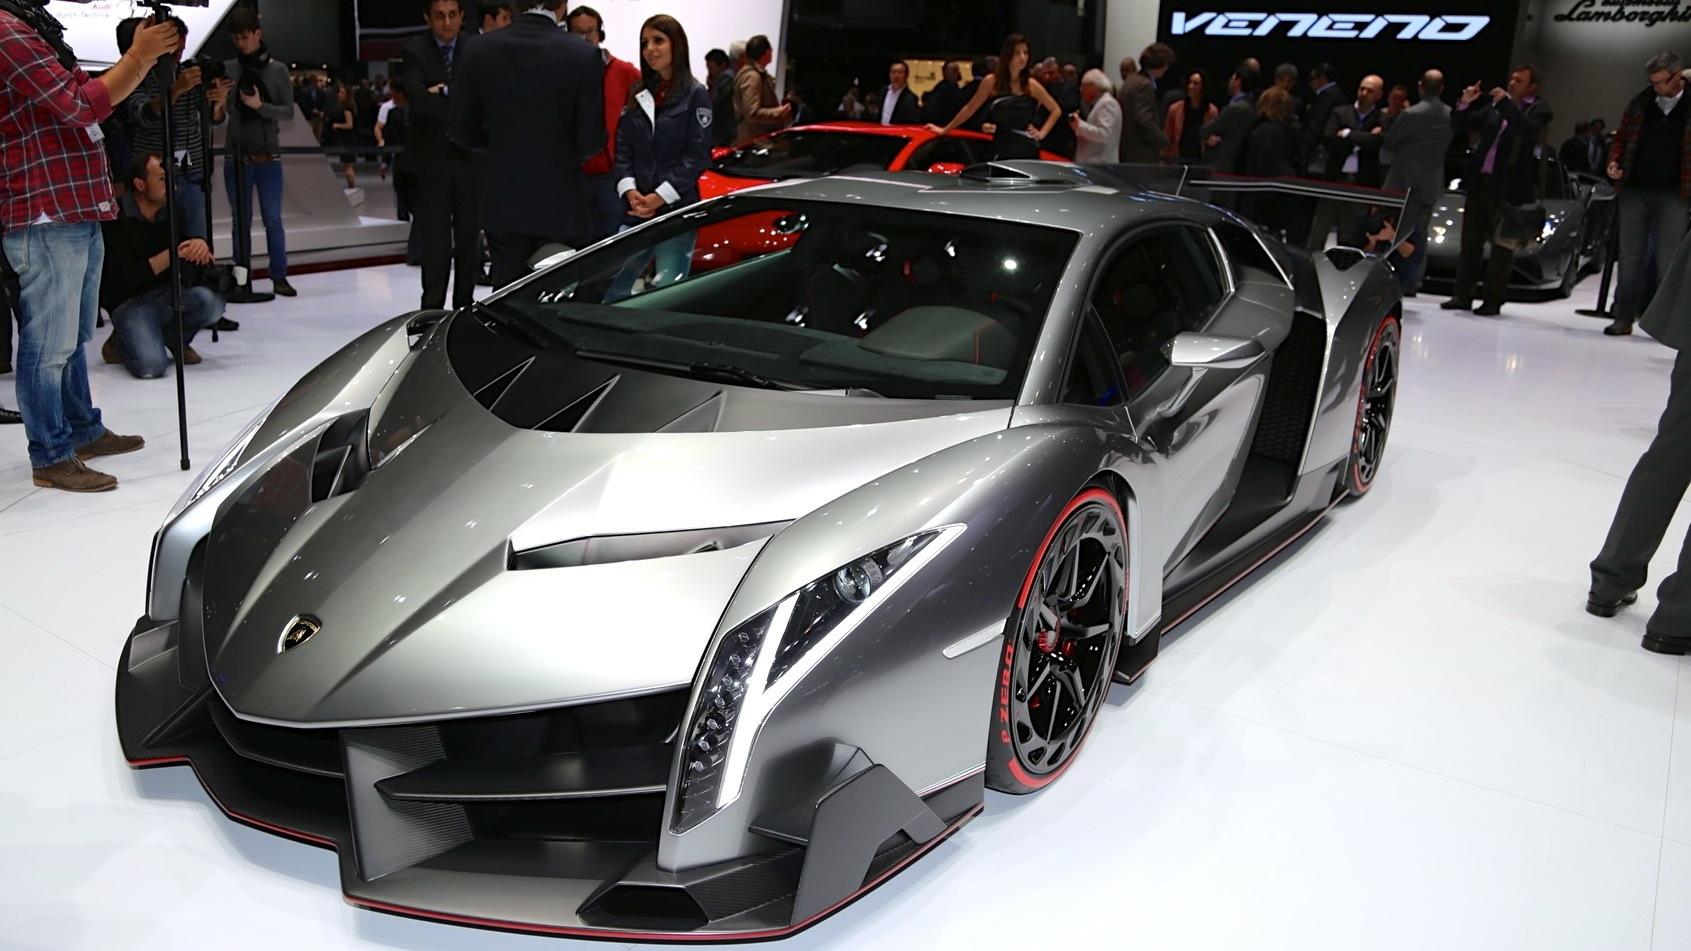 Lamborghini Veneno For Sale >> Is A Lamborghini Veneno Already Up For Sale Probably Not